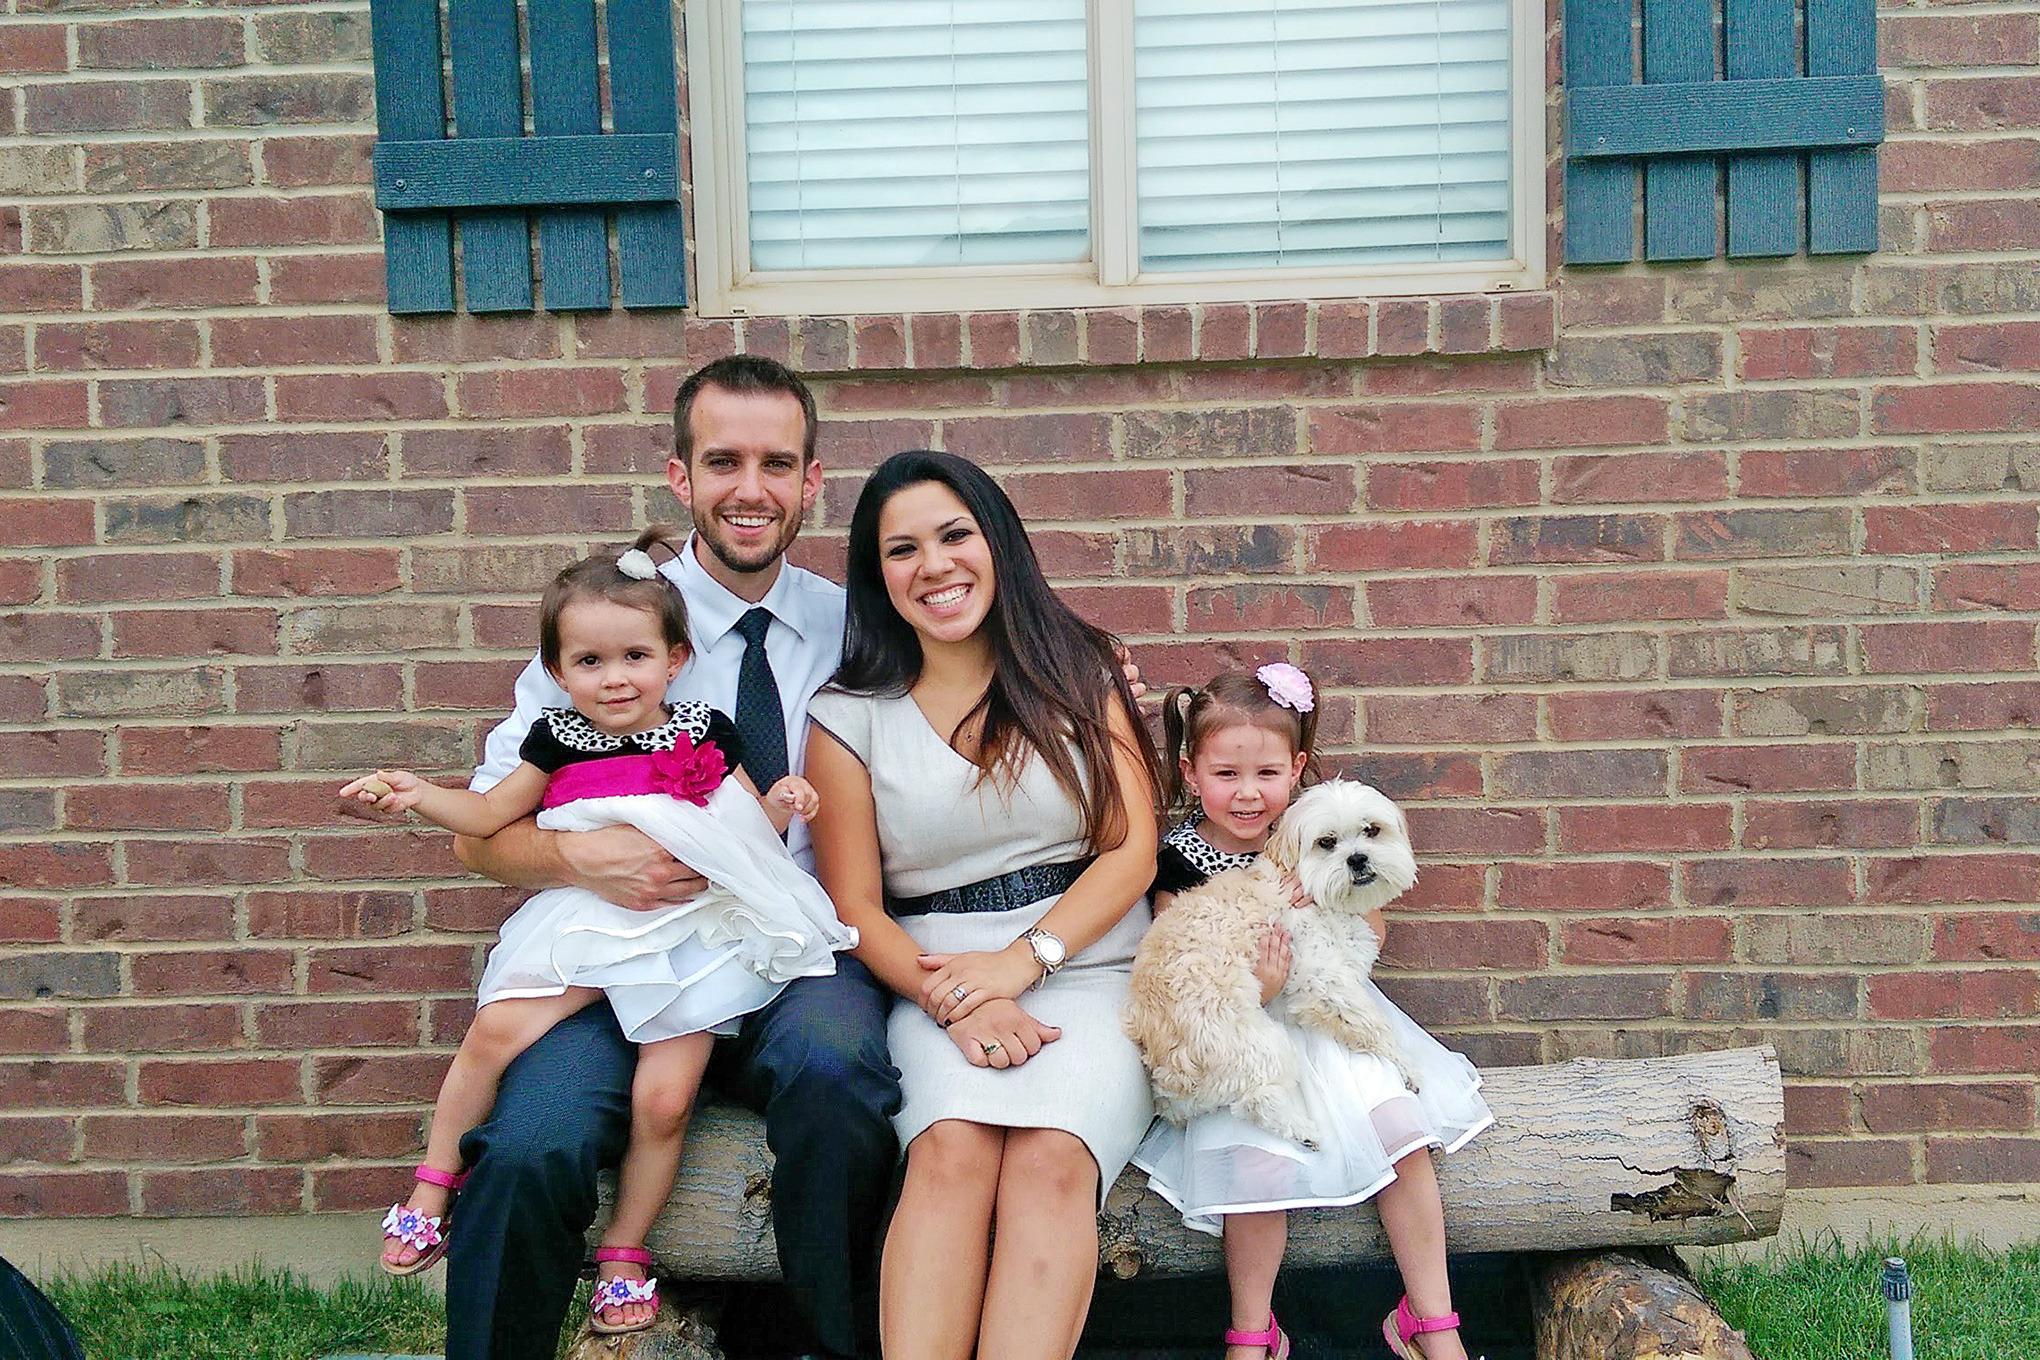 Michael Stanger et sa famille participent ensemble à American Ninja Warrior